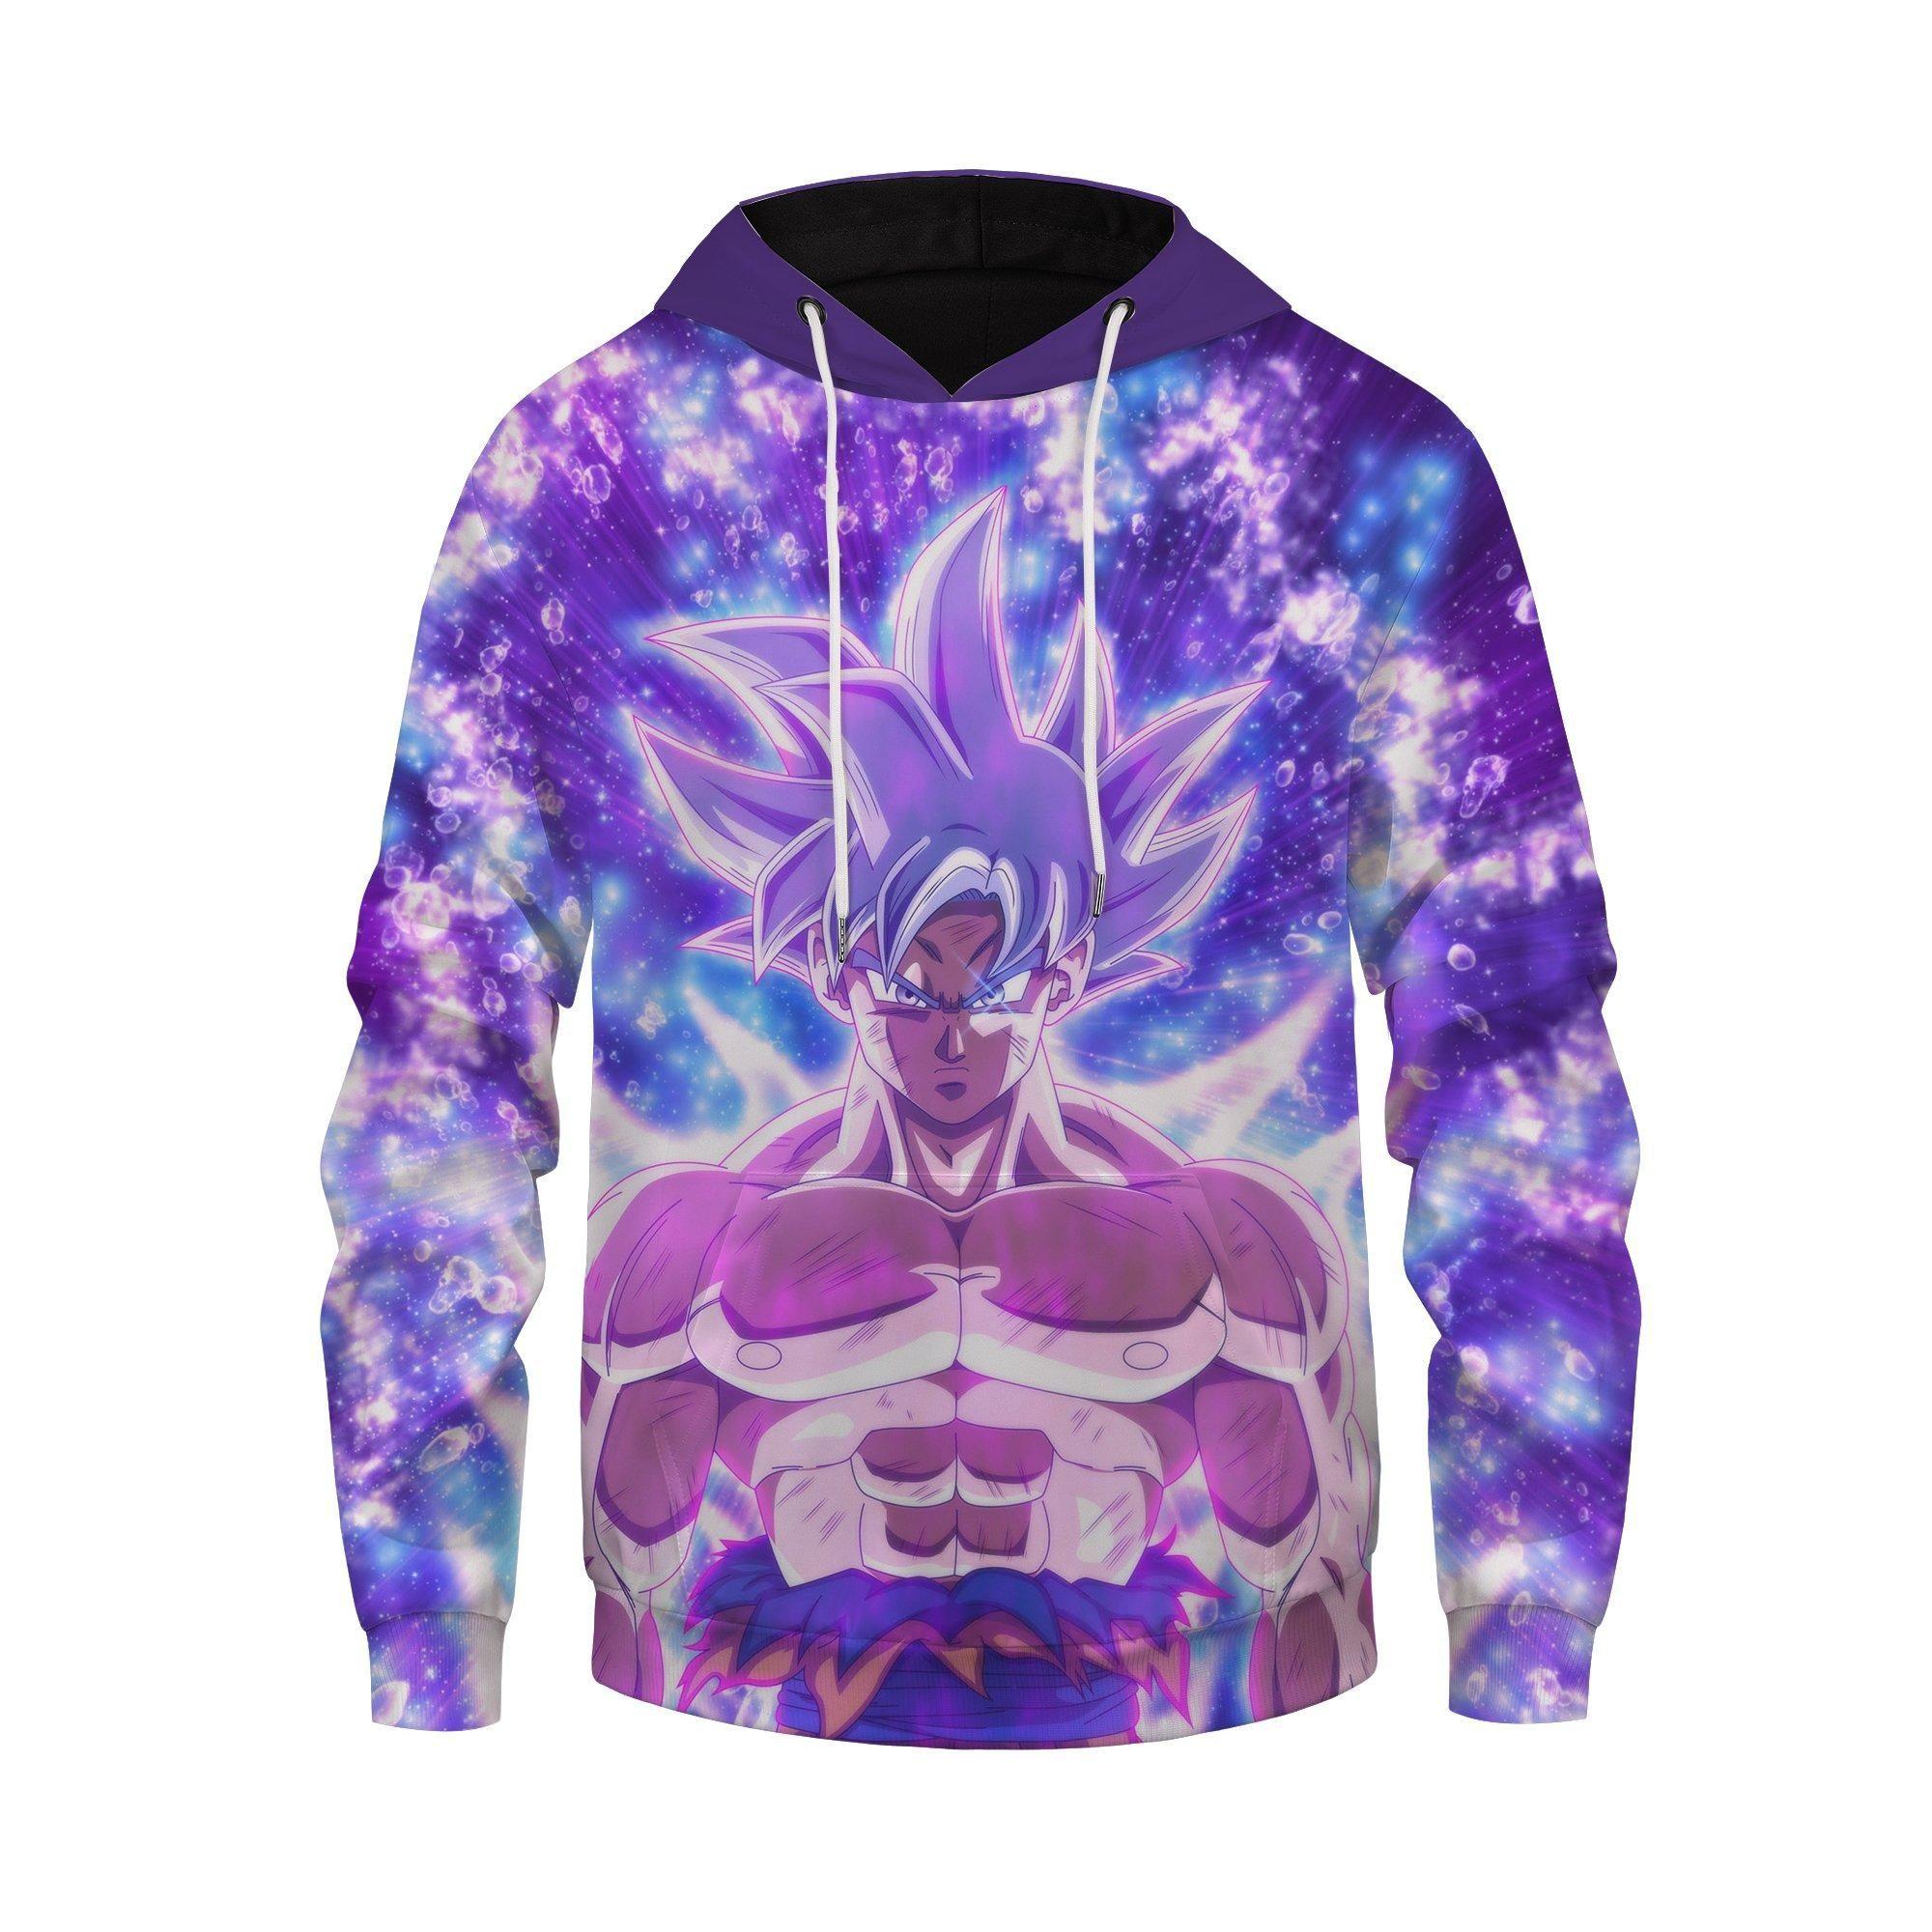 Teedcma Dbz Son Goku Ultra Instinct Vegeta Ssj Blue Hoodie 471 Gift For Men Women Handcrafted Products Mee Blue Hoodie Printed Hoodies Sweatshirts Hoodies